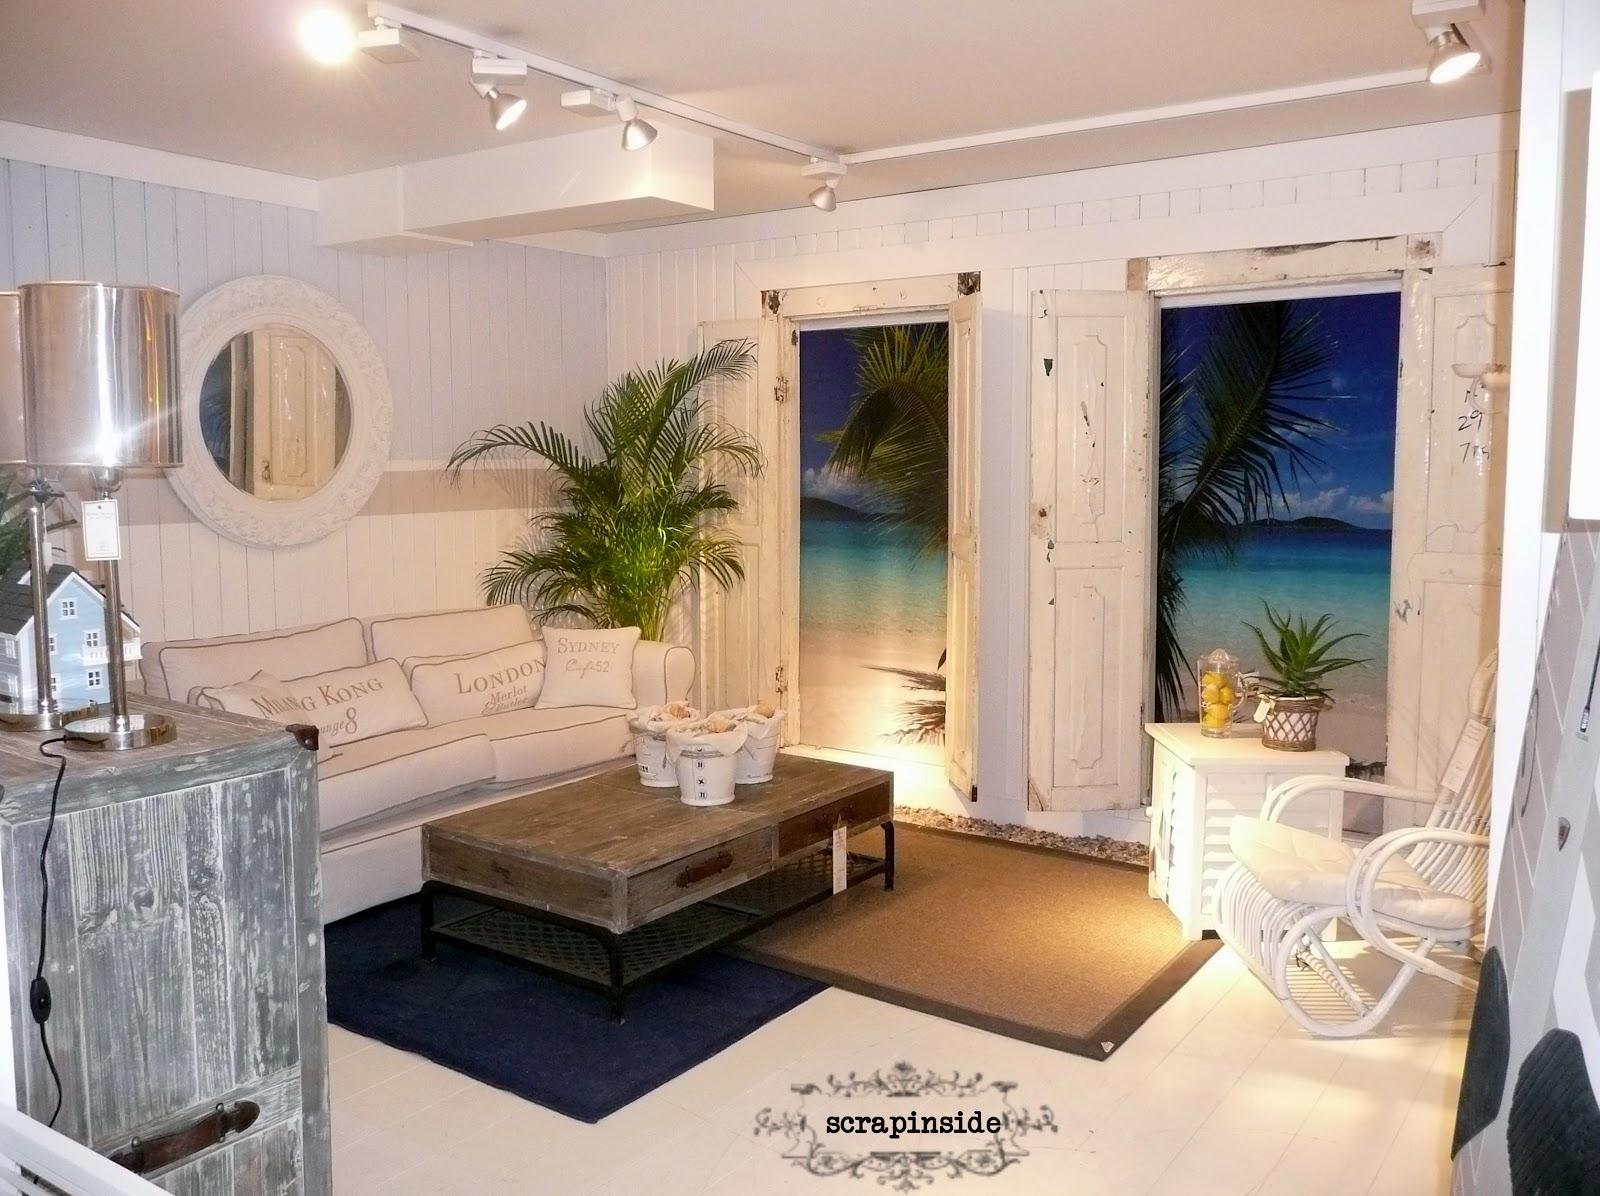 Riviera Maison Keuken Spullen : Riviera Maison Keuken Spullen : Sfeervolle klepbank in Riviera Maison